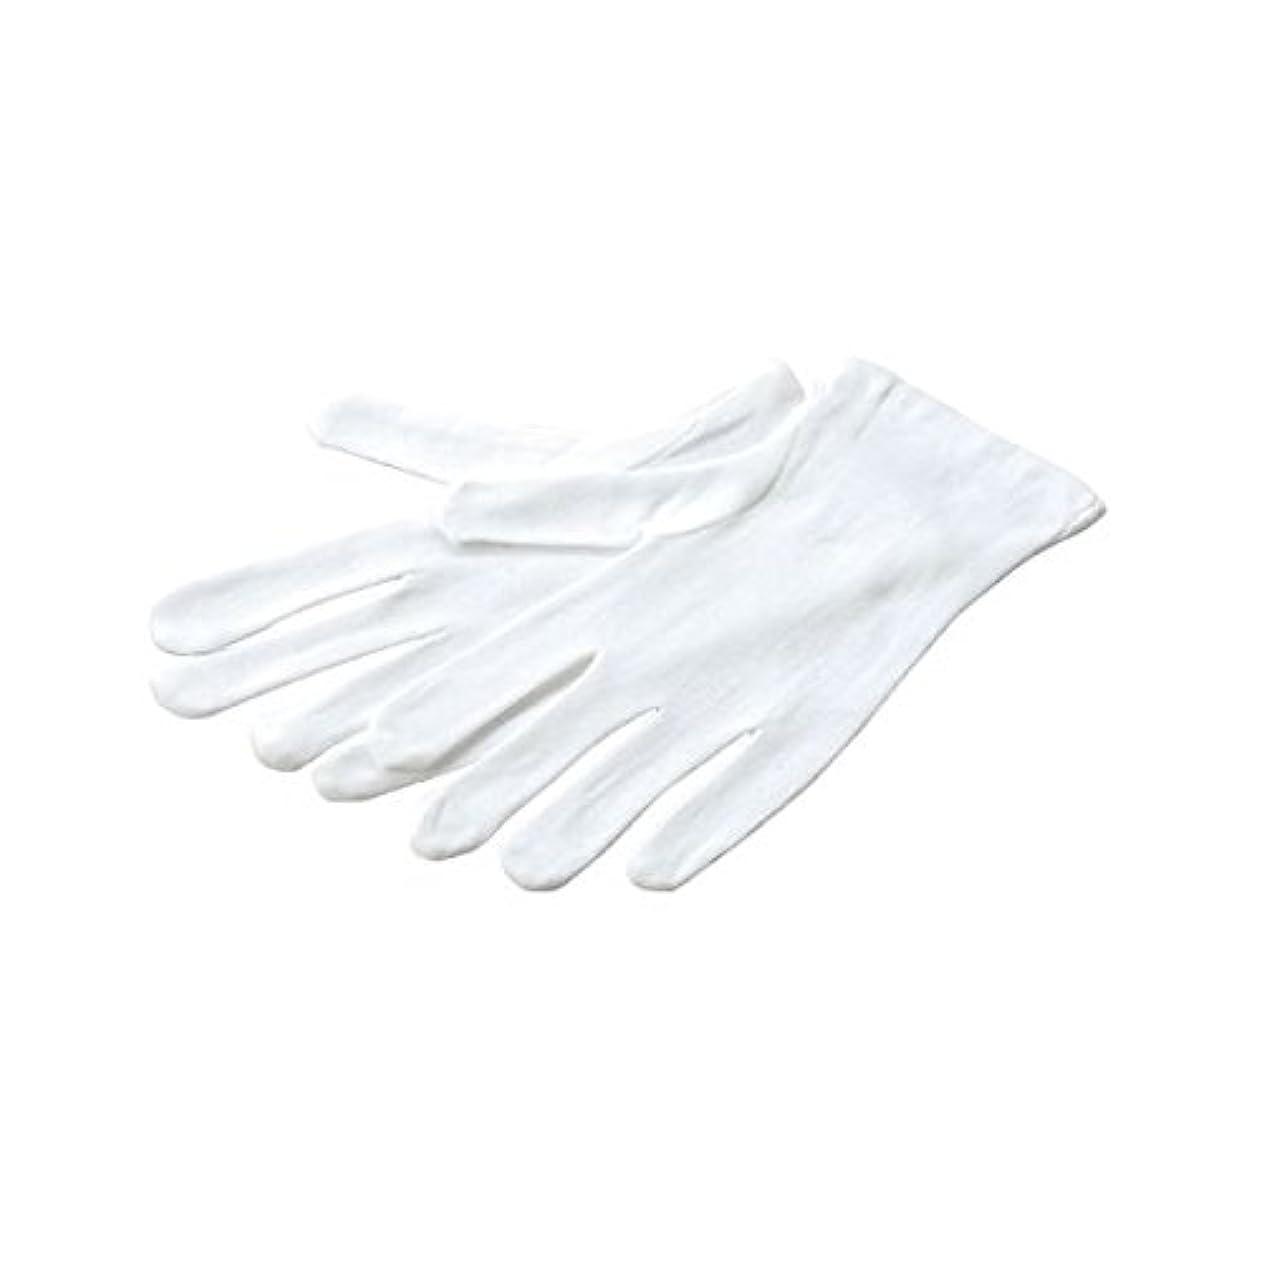 植木晴れ部屋を掃除するミタニコーポレーション 品質管理用手袋スムス マチナシ 210080 12双入 【×5セット】